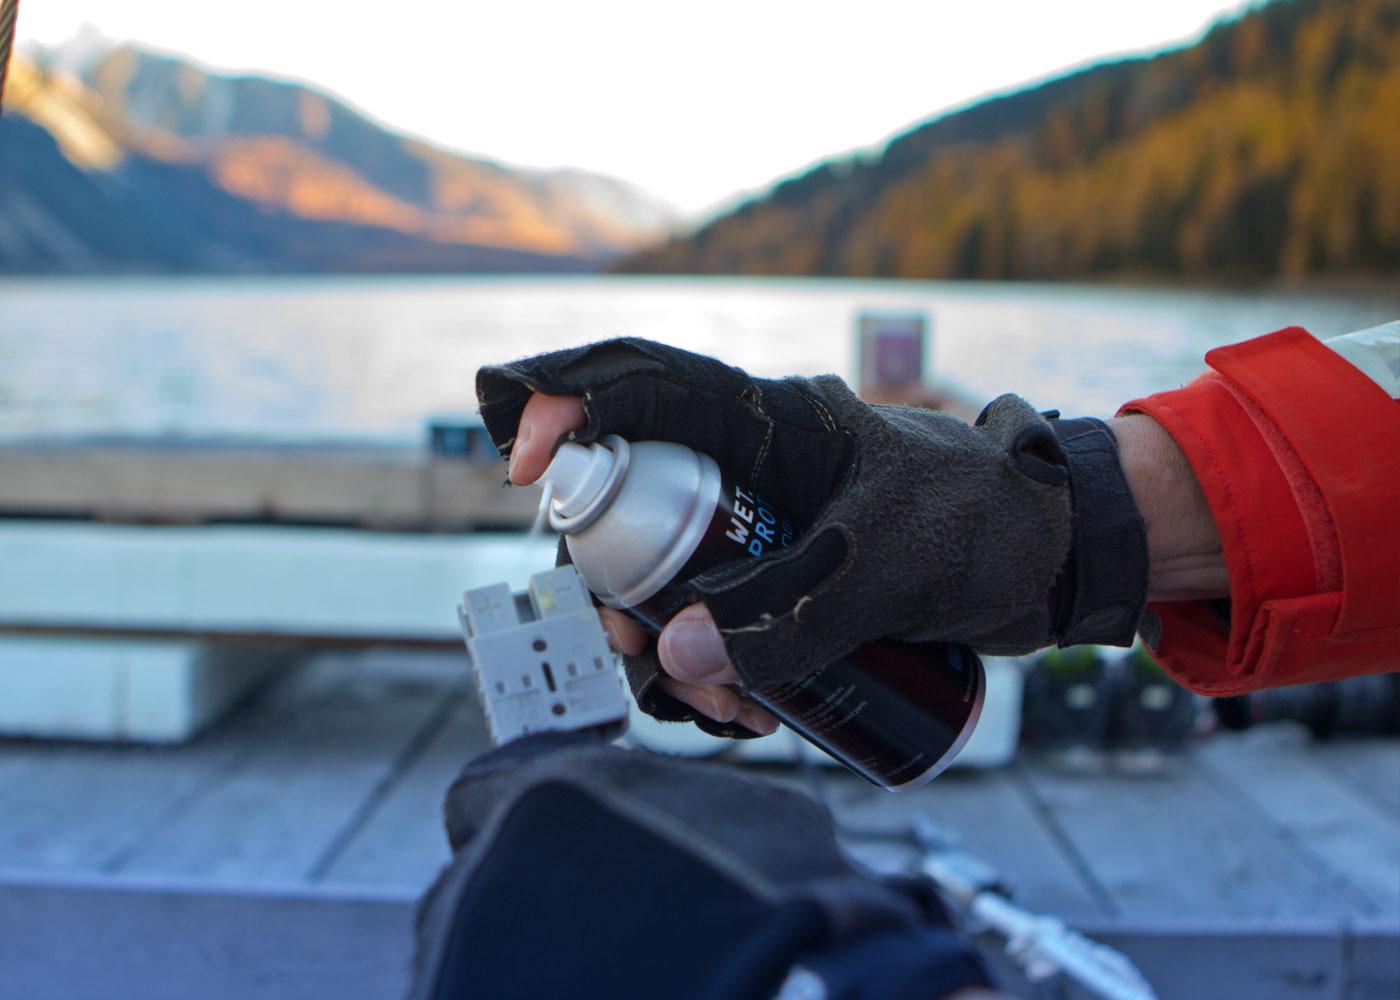 Schutz vor Rost, Feuchtigkeit, Korrosion, Kurzschluss im Wassersport